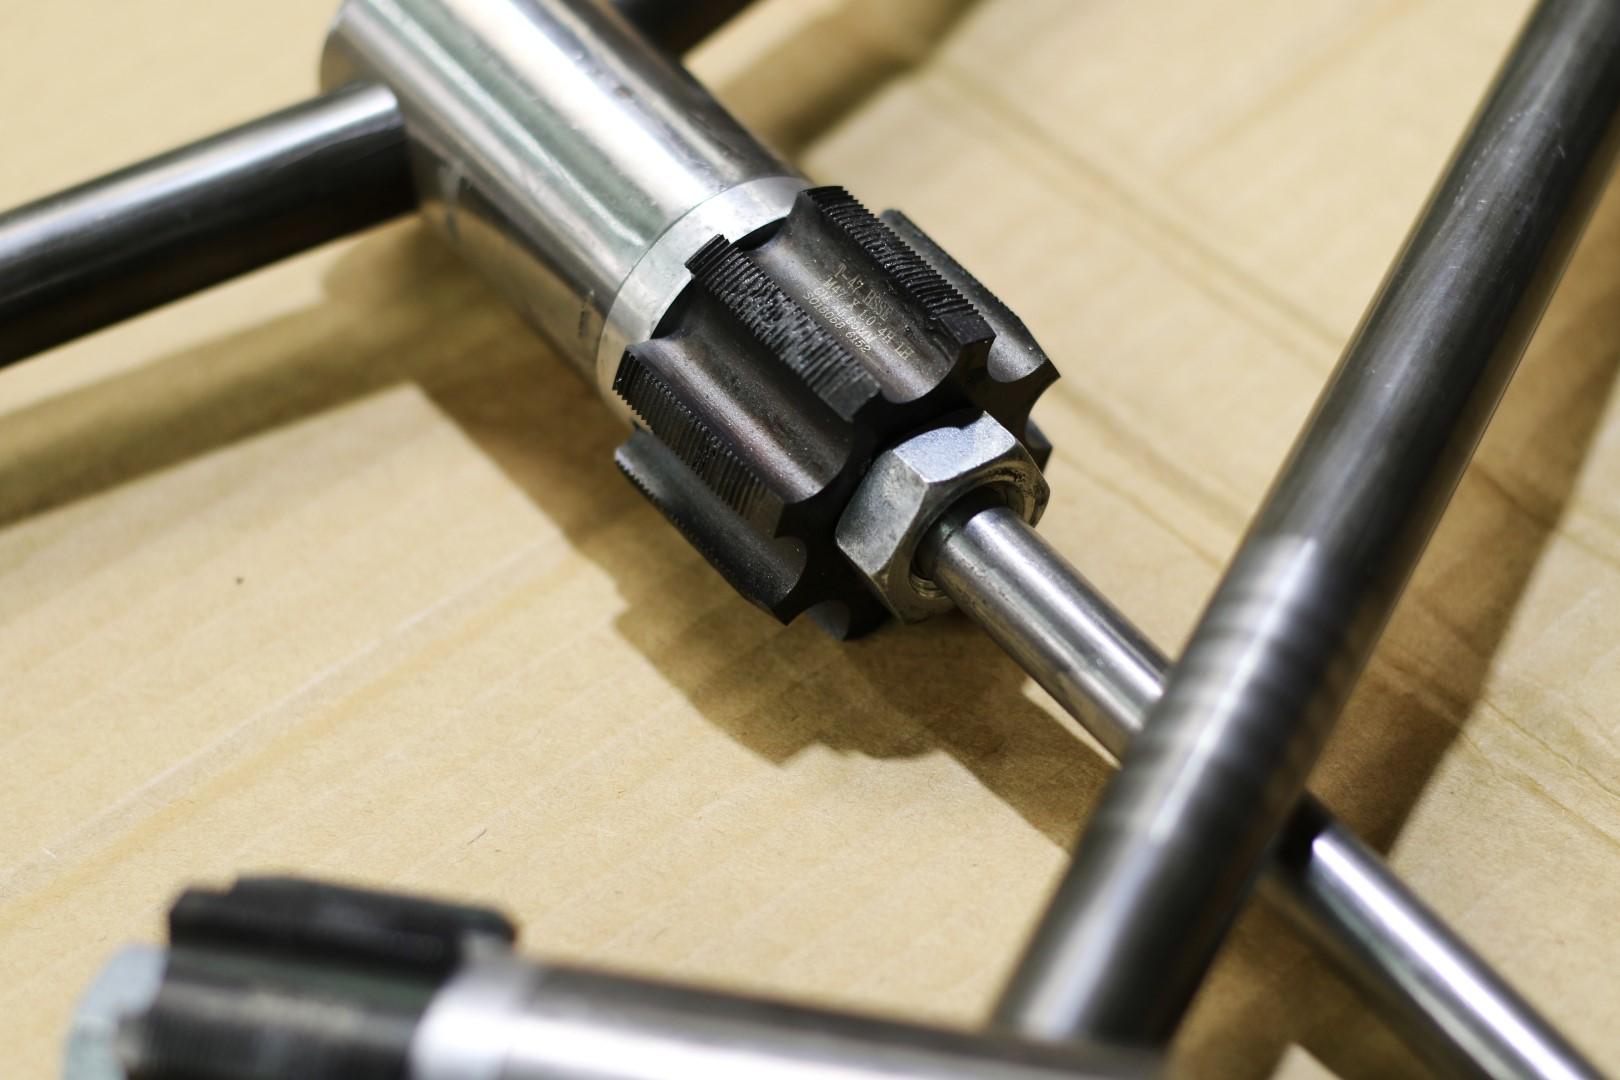 TCF-gallery-blog-tool-T47-tap-handles (4).JPG